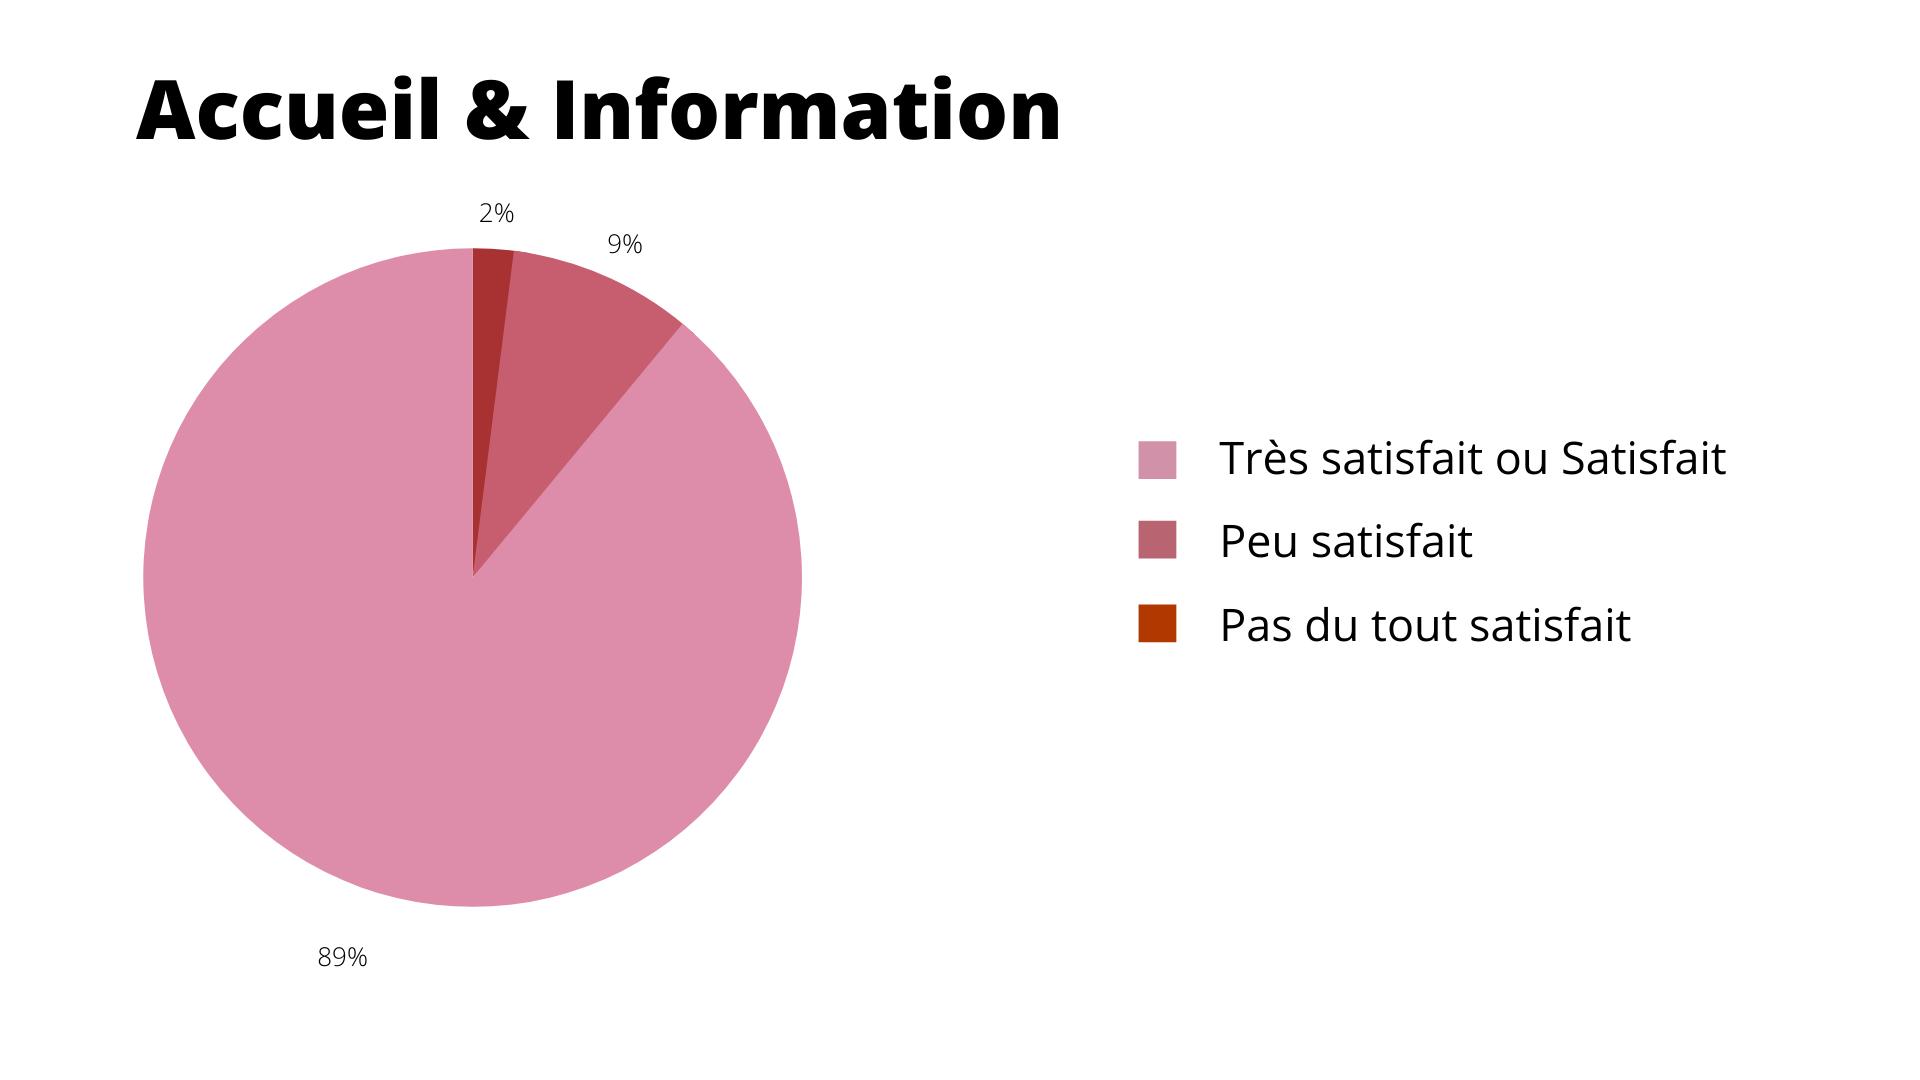 Résultat : Accueil & Information